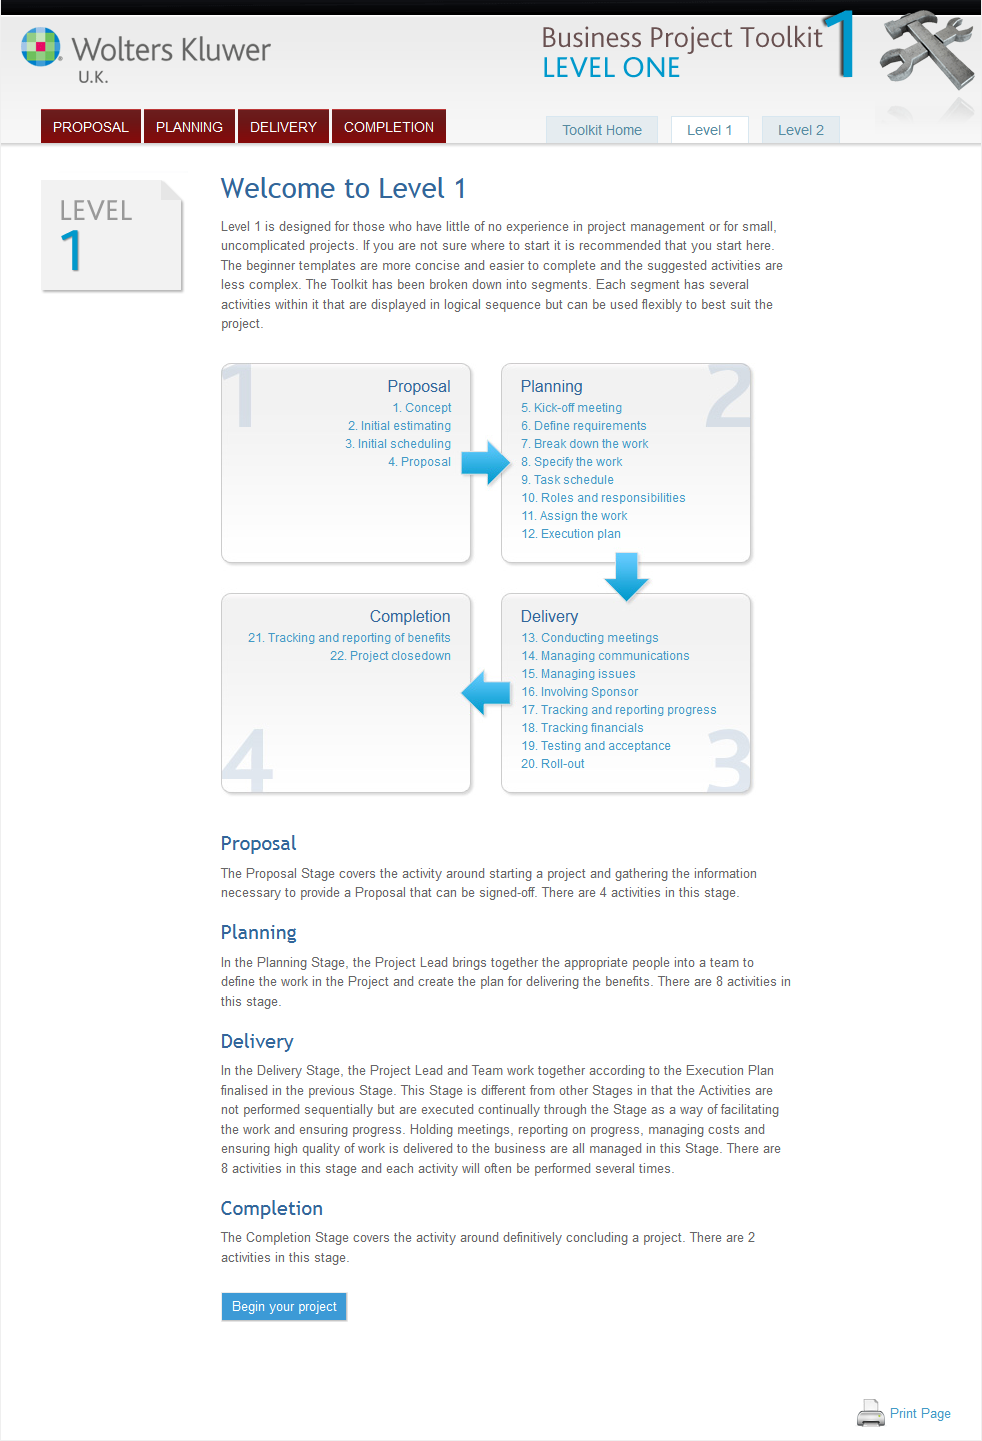 bpt-level-1-screenshot